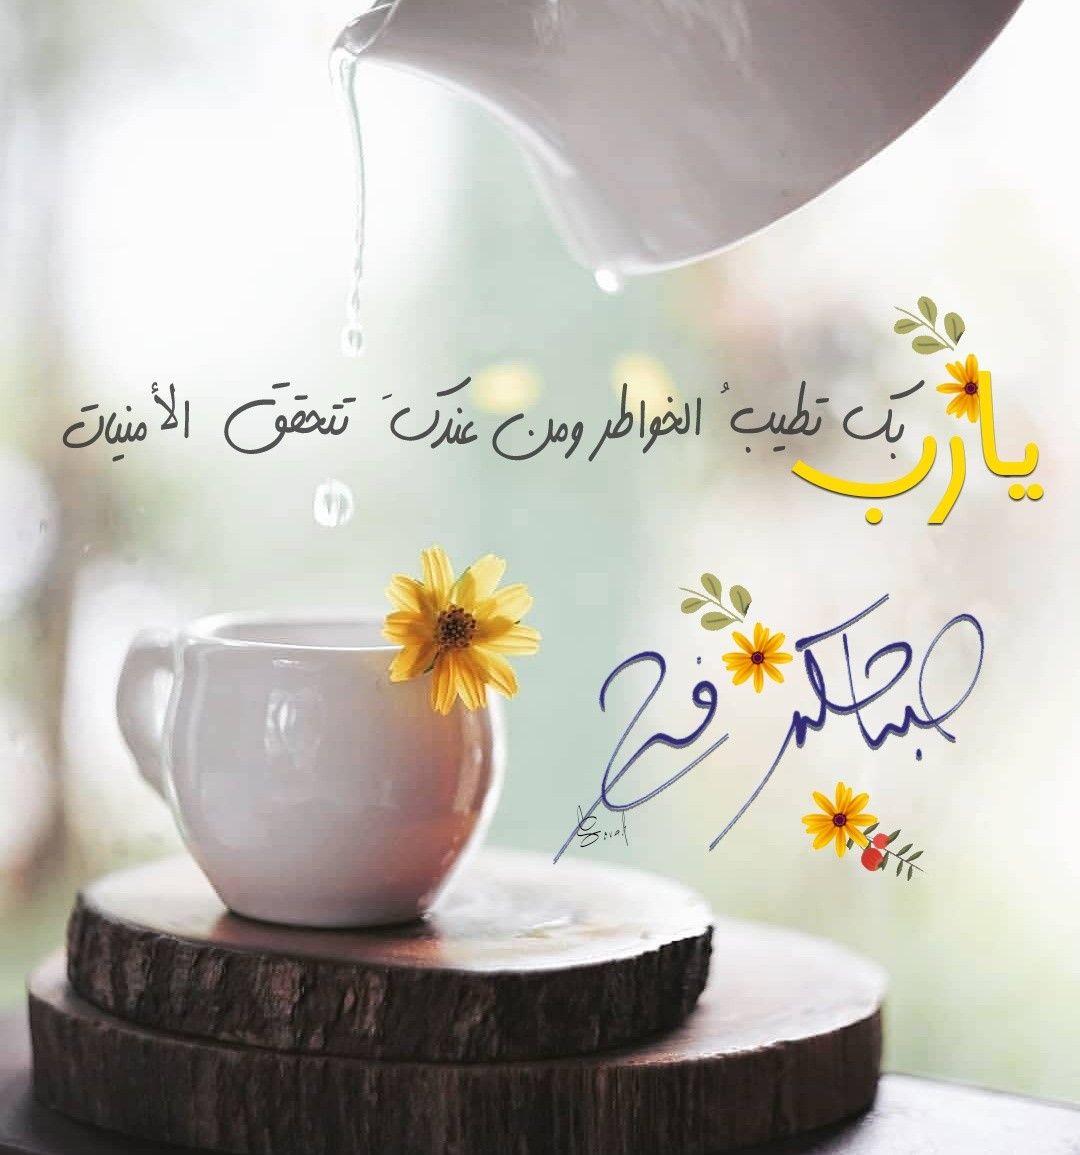 يا رب بك تطيب الخواطر ومن عندك تتحقق الأمنيات صباح الفرح Morning Blessings Beautiful Morning Messages Morning Greeting